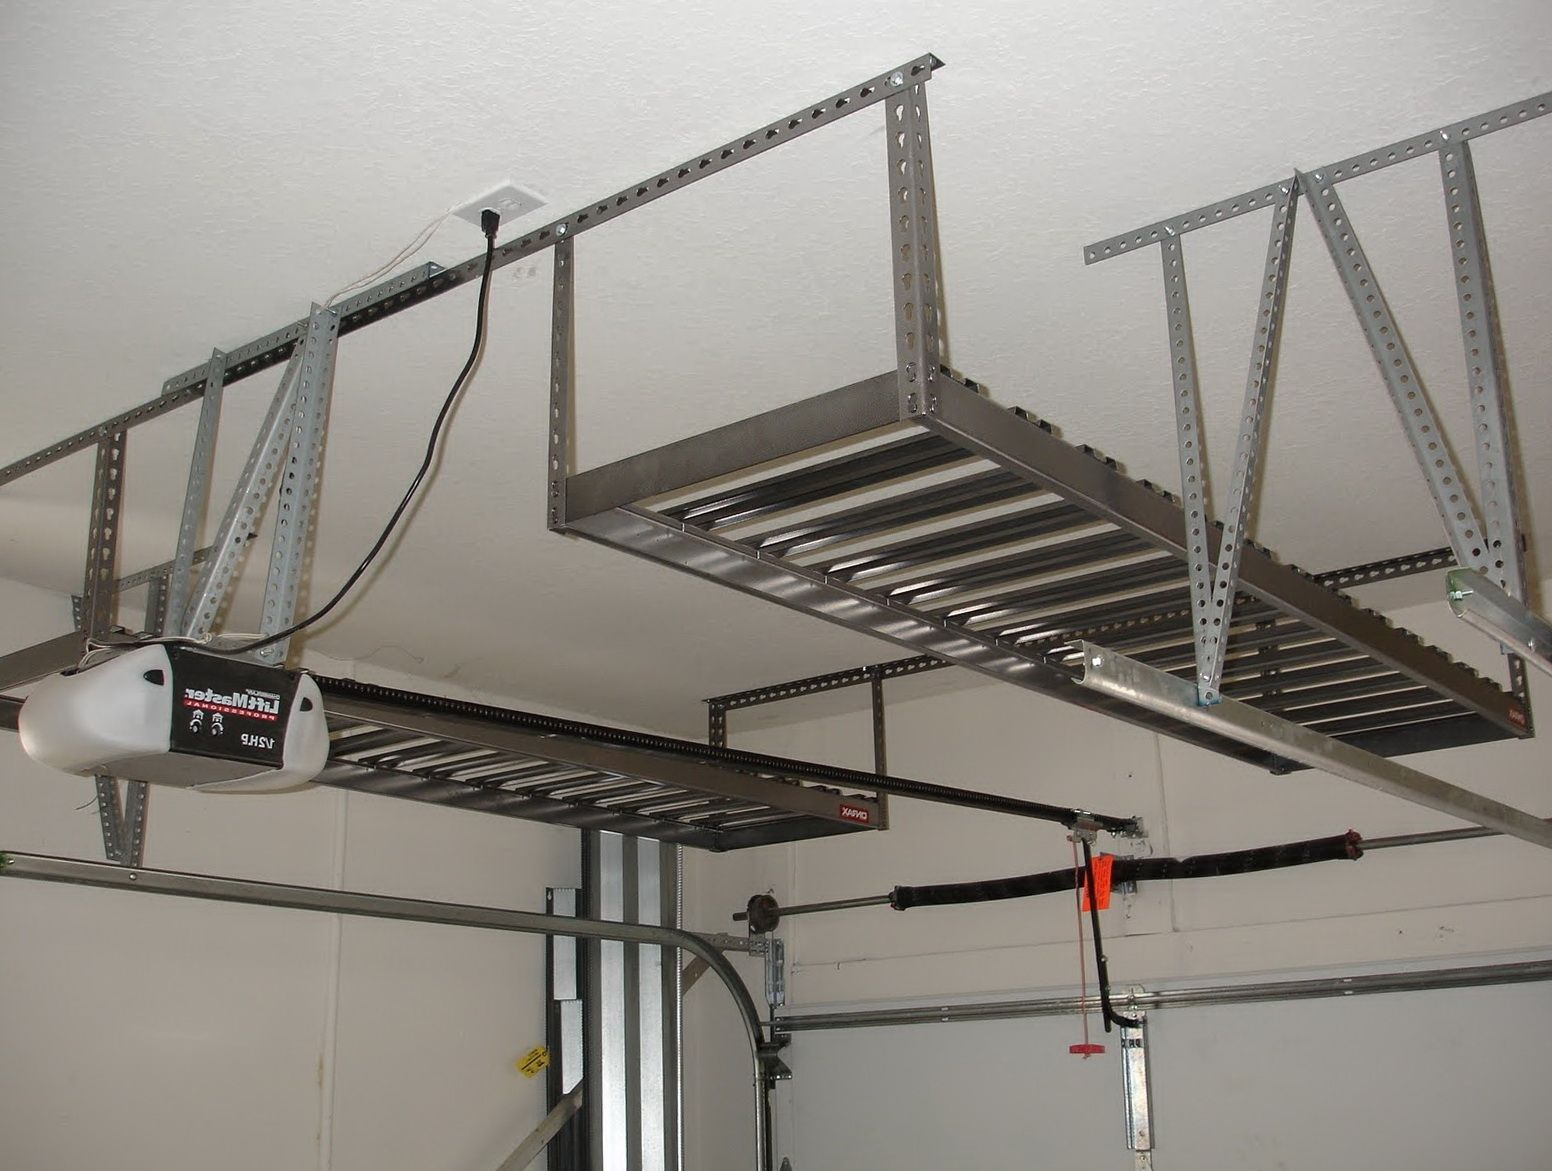 Best ceiling fan for garage casa pinterest ceiling fan best ceiling fan for garage aloadofball Images